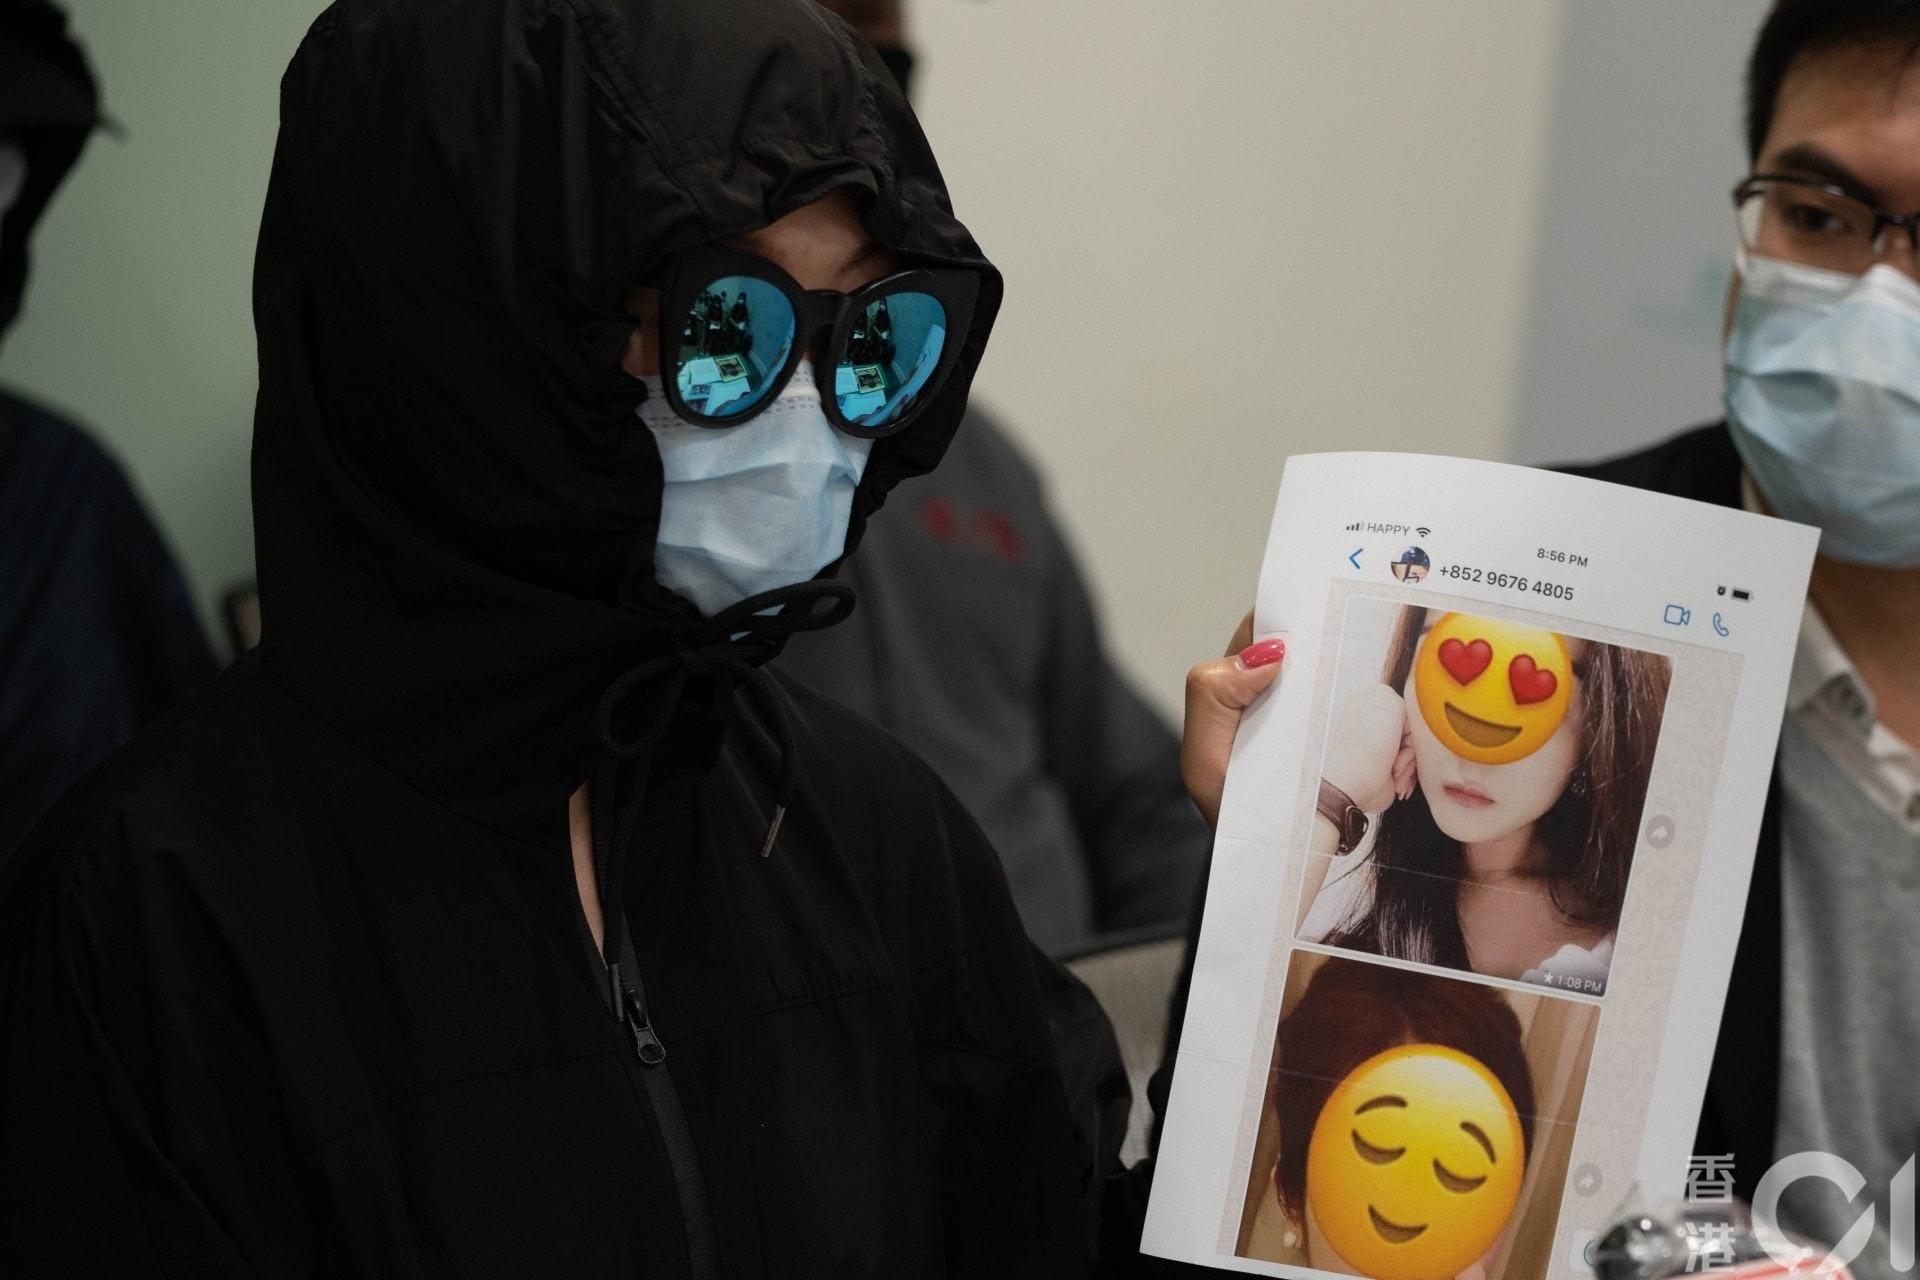 前員工Nana去年4月至11月於涉事公司工作,曾目擊老闆以朋友上載至facebook及instagram的照片,偽裝成會員照片發給顧客。